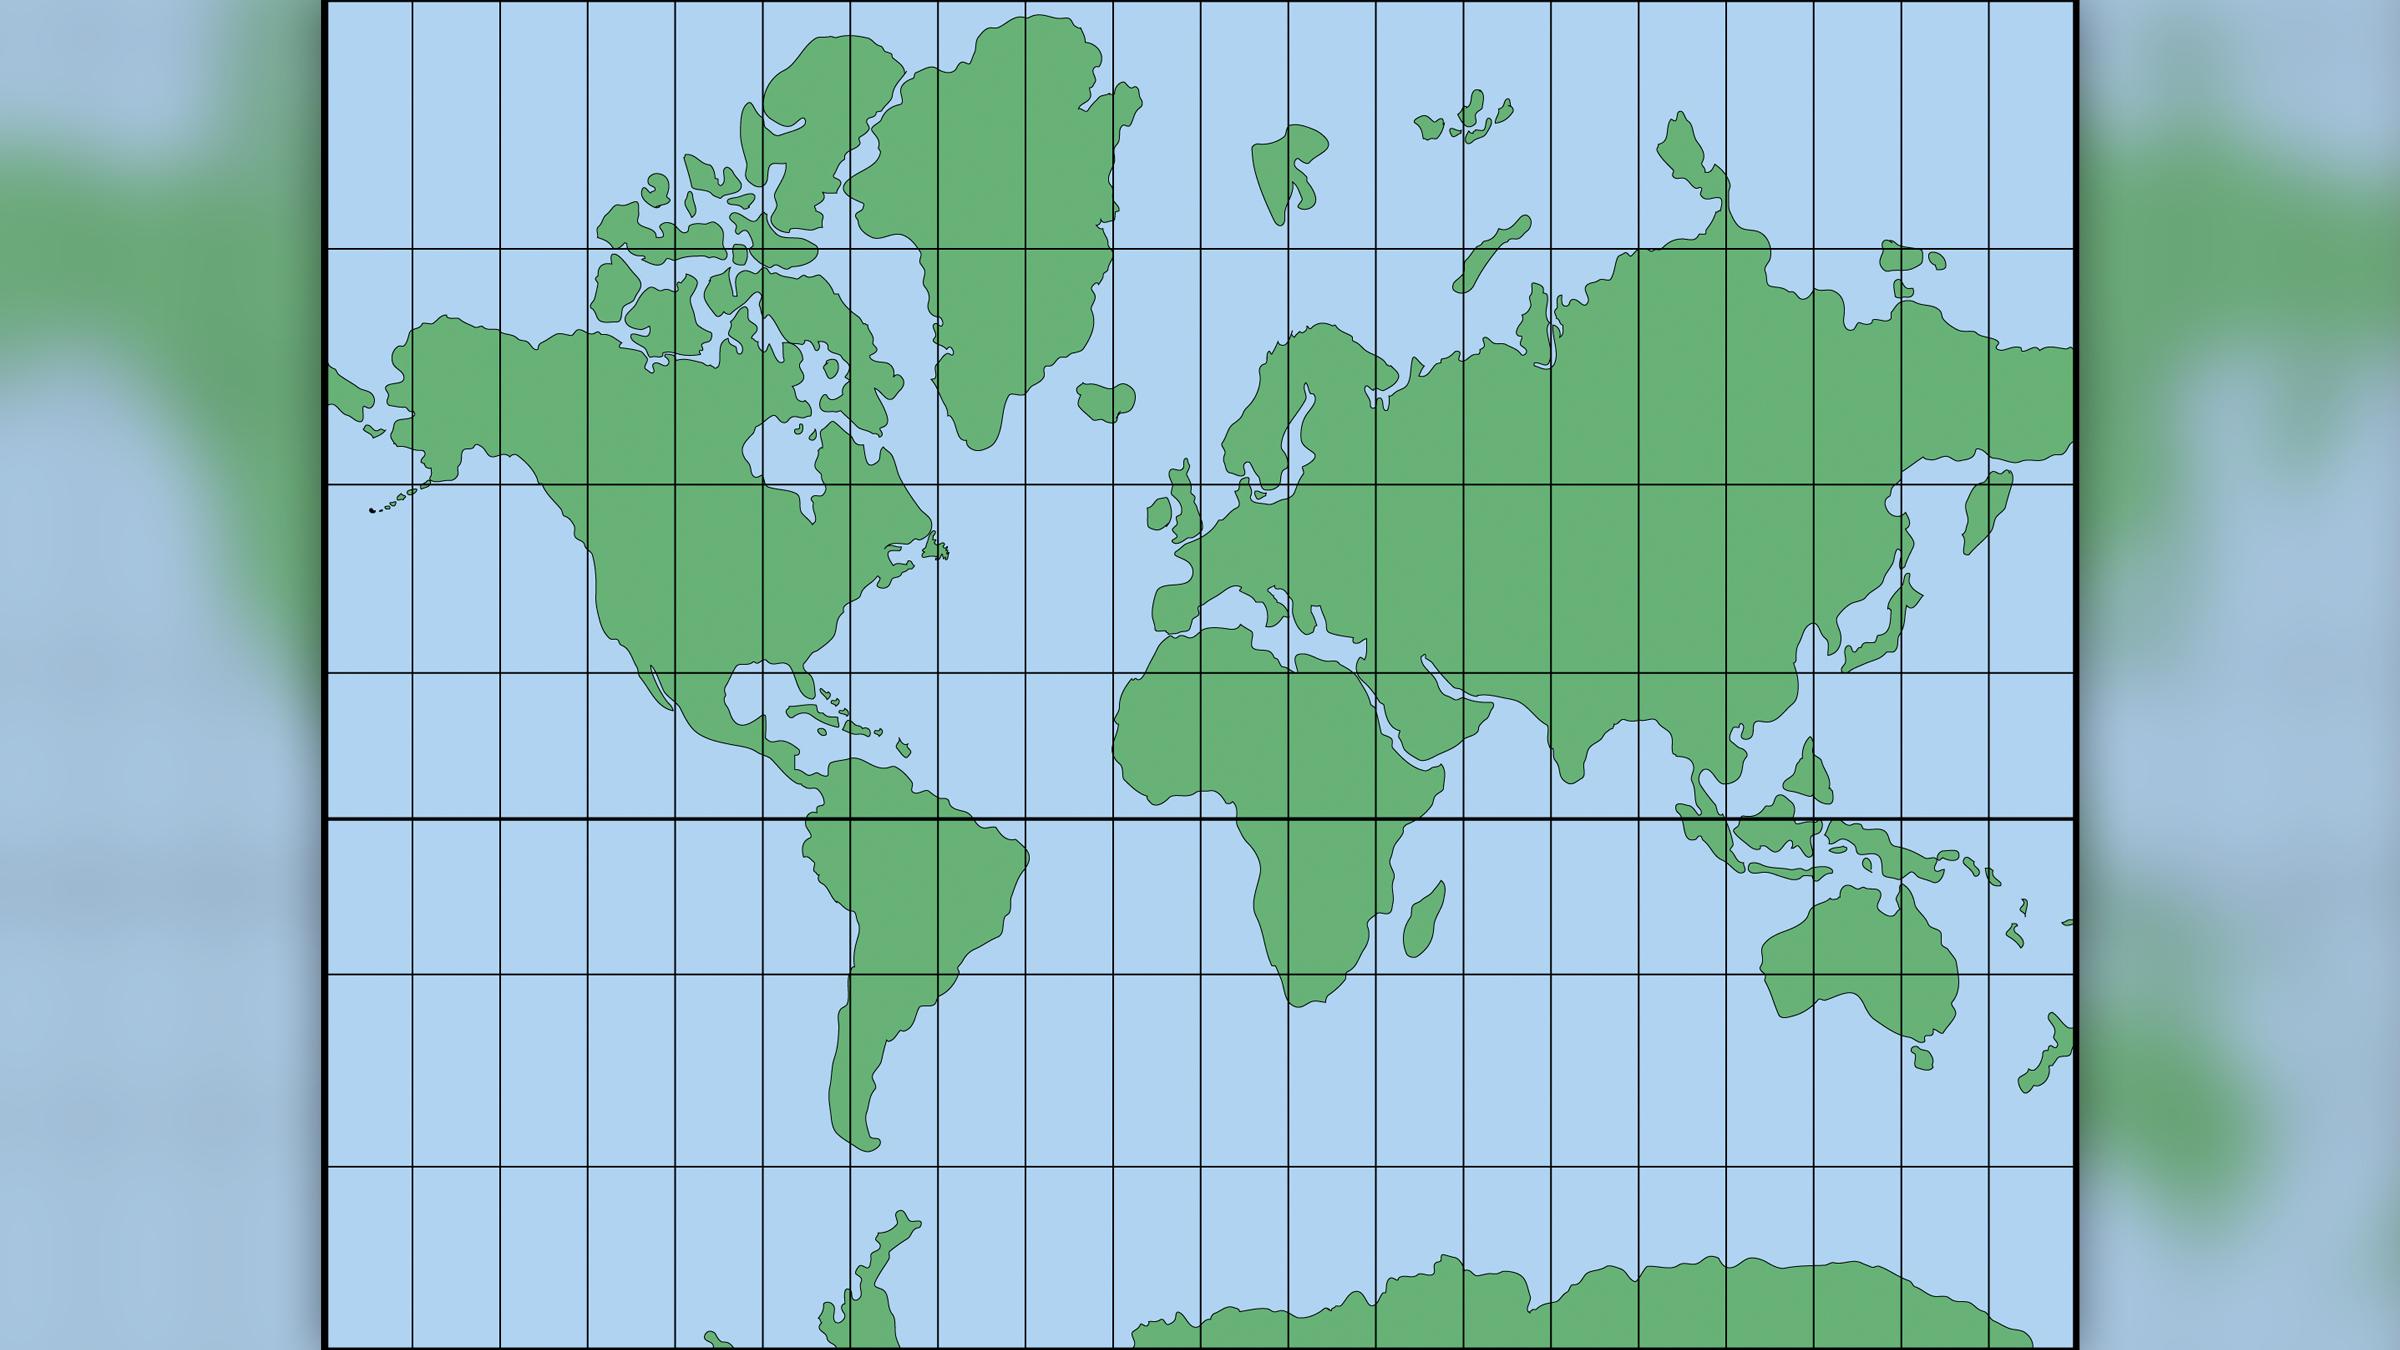 La projection Mercator, créée en 1569 par le géographe néerlandais Gerard Mercator, a aidé les marins à naviguer dans le monde.